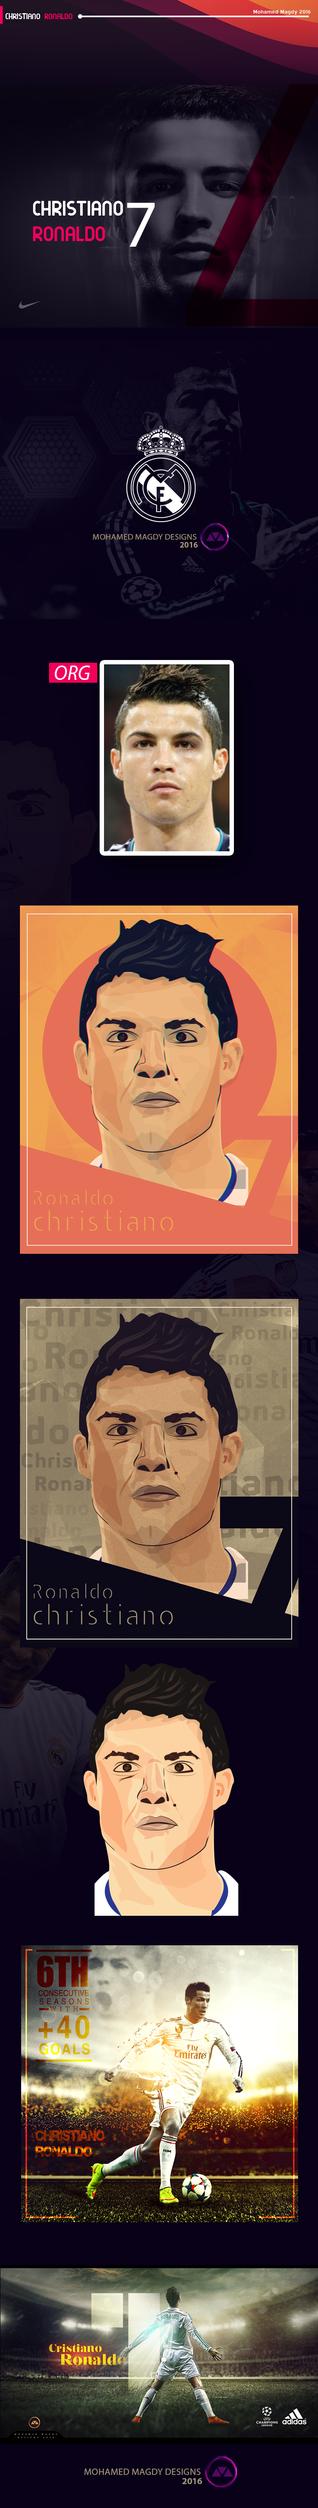 Cristiano Ronaldo 2015 by mnoso90